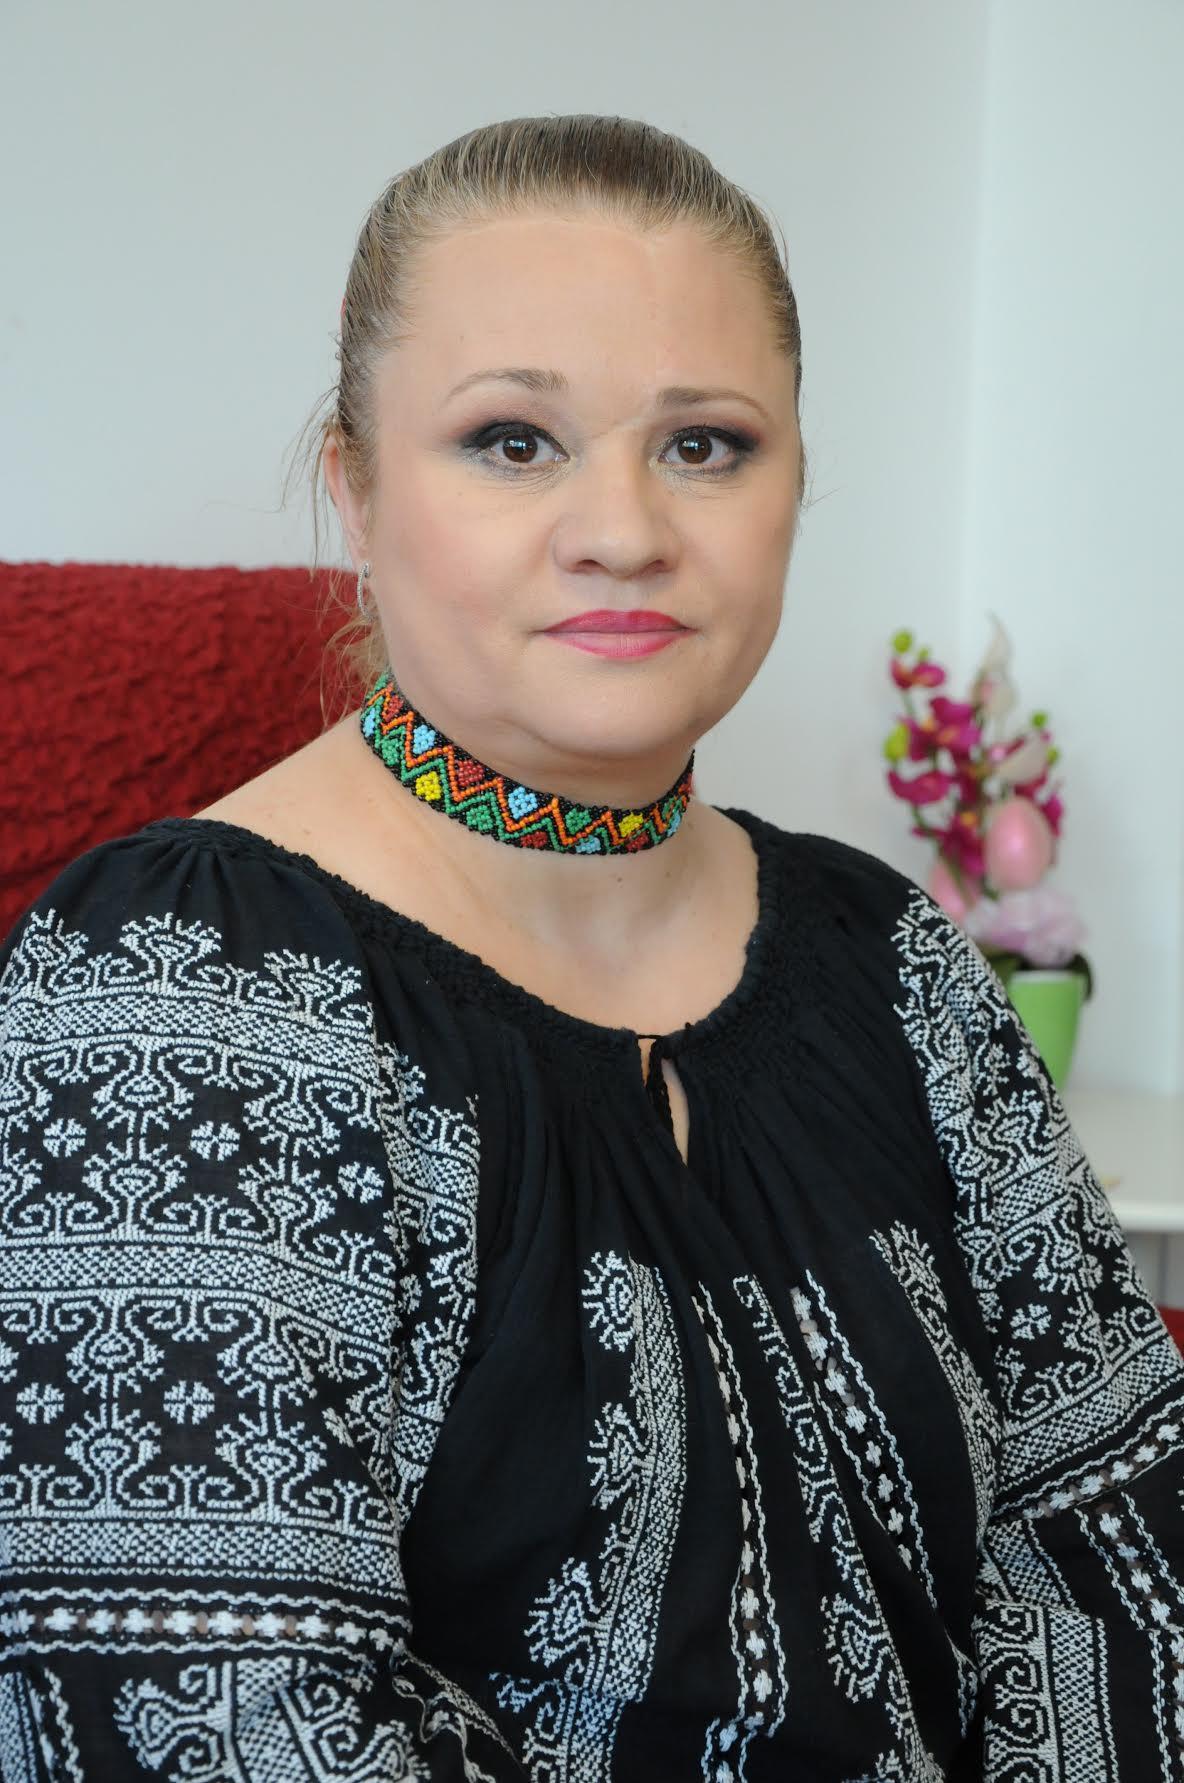 Horoscop Mariana Cojocaru pentru Paște 2019. Săptămâna Patimilor pentru trei zodii! Mare atenție la greșelile din trecut, karma nu iartă - previziuni complete pentru Kfetele.ro